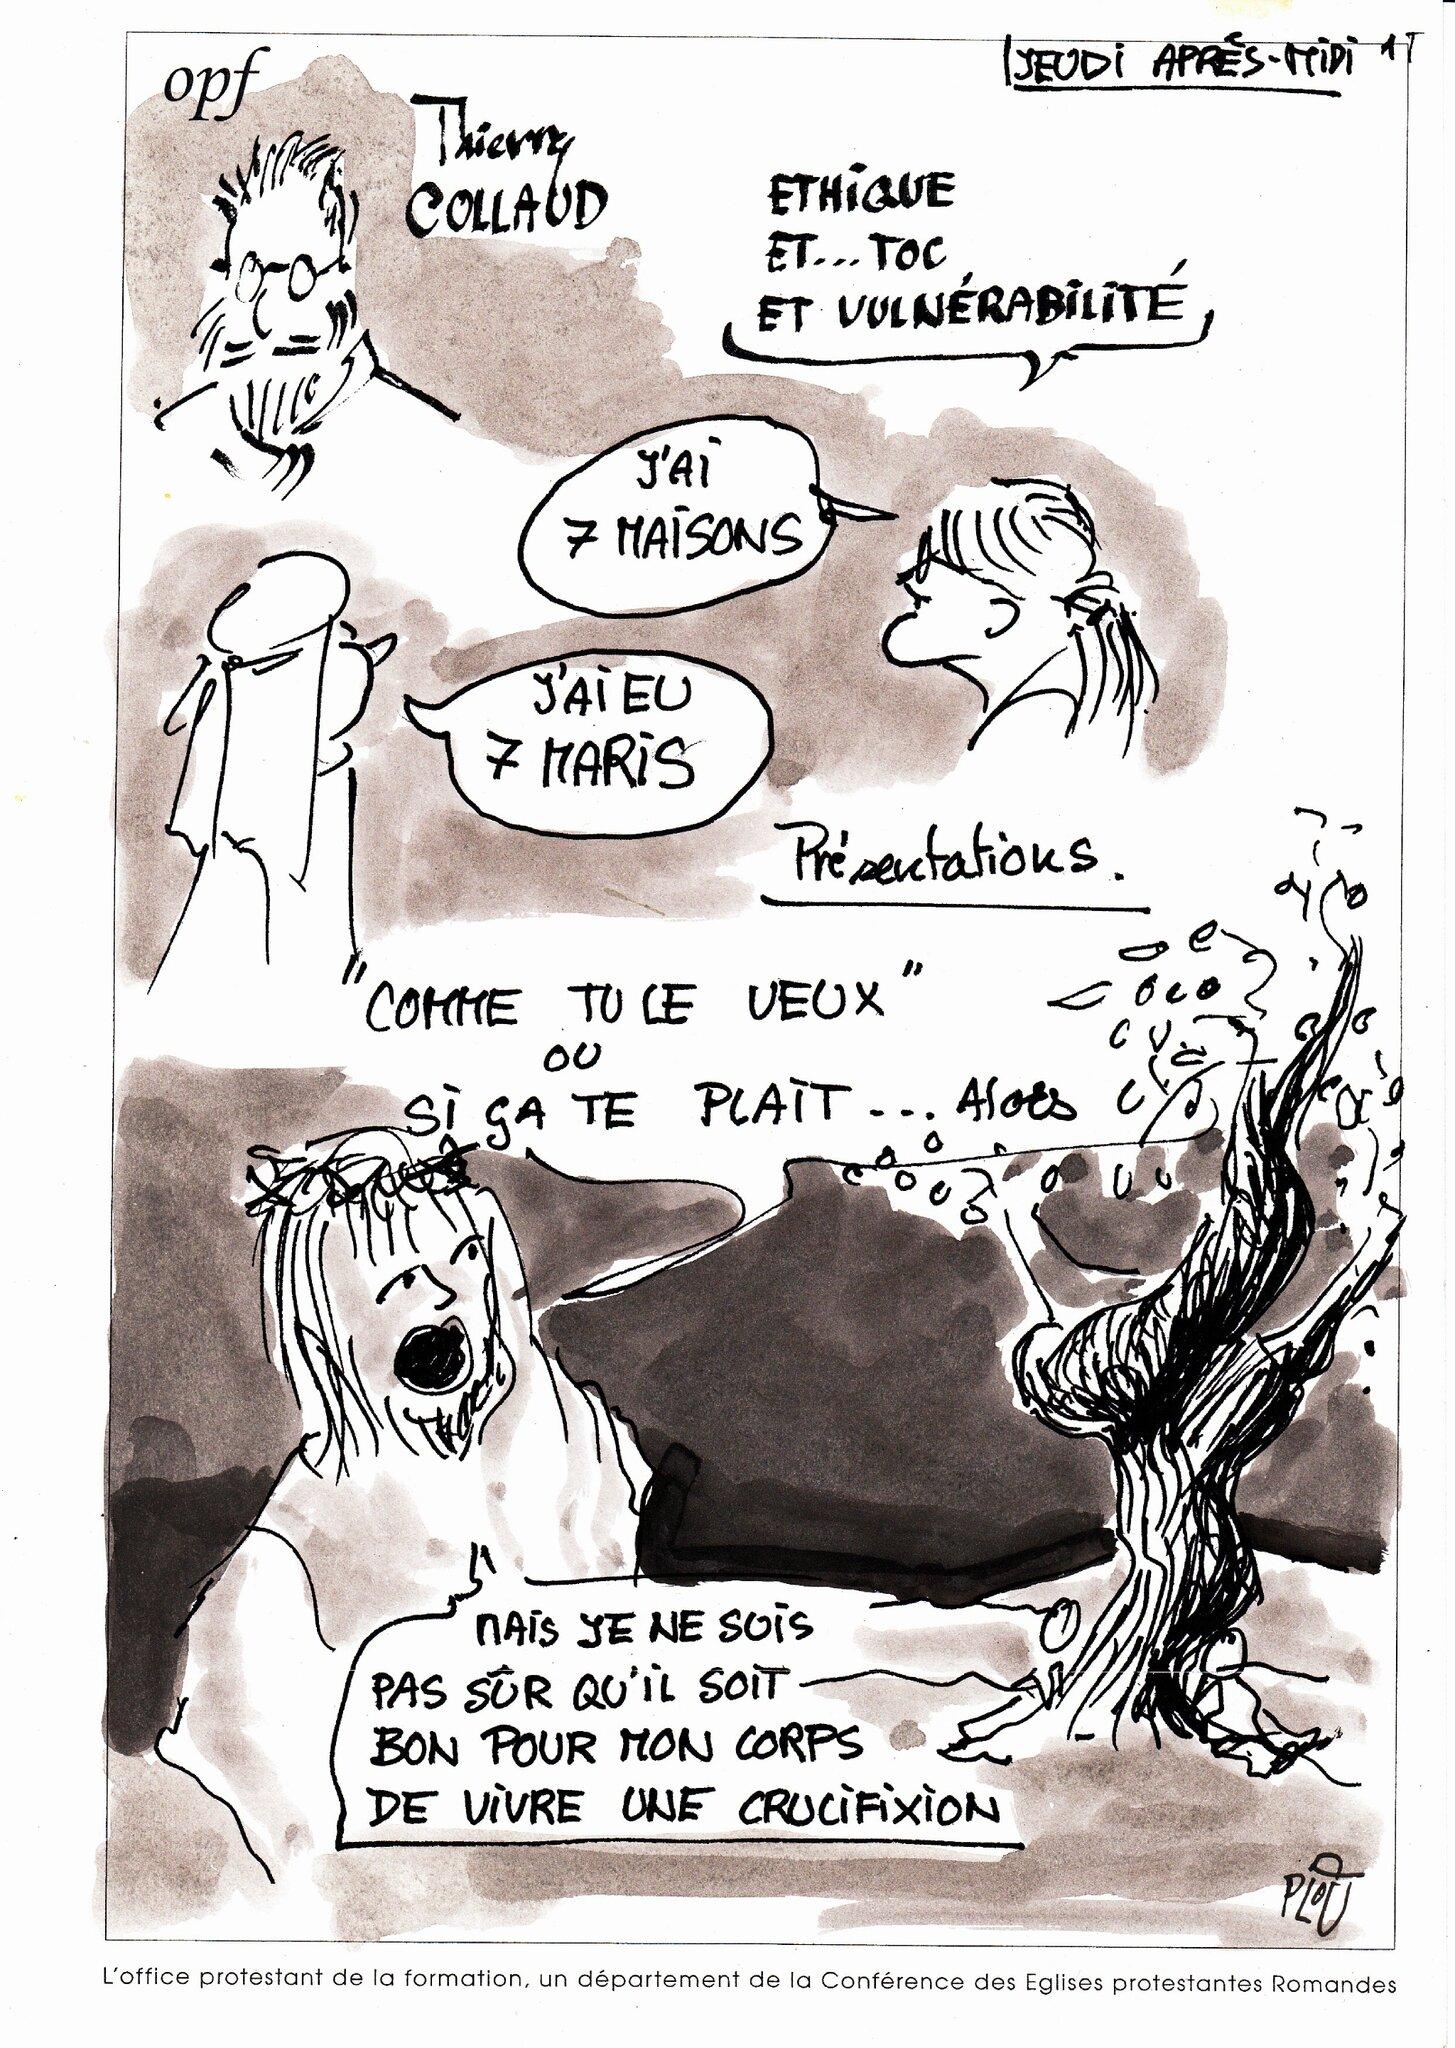 01 Vulnérabilité avec Thierry Collaud